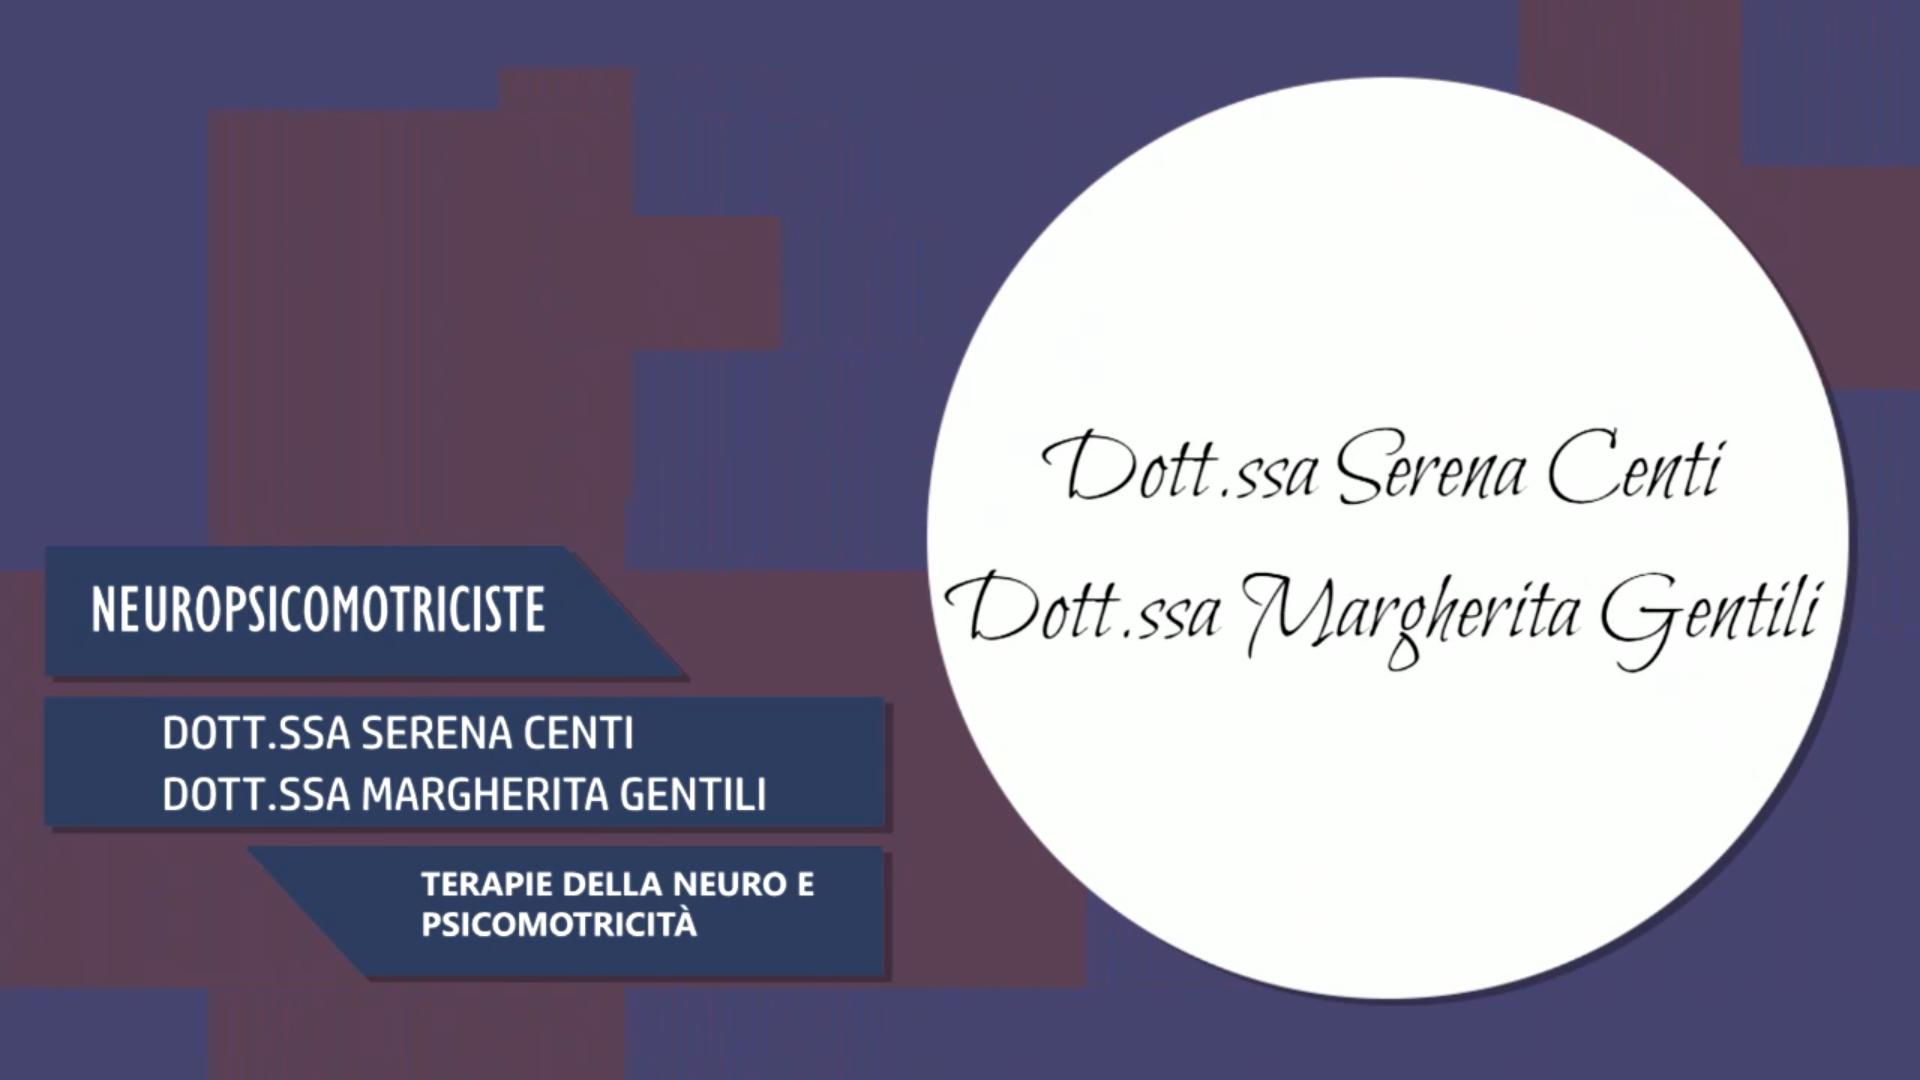 Intervista alla Dott.ssa Serena Centi & Dott.ssa Margherita Gentili – Terapie della neuro e psicomotricità